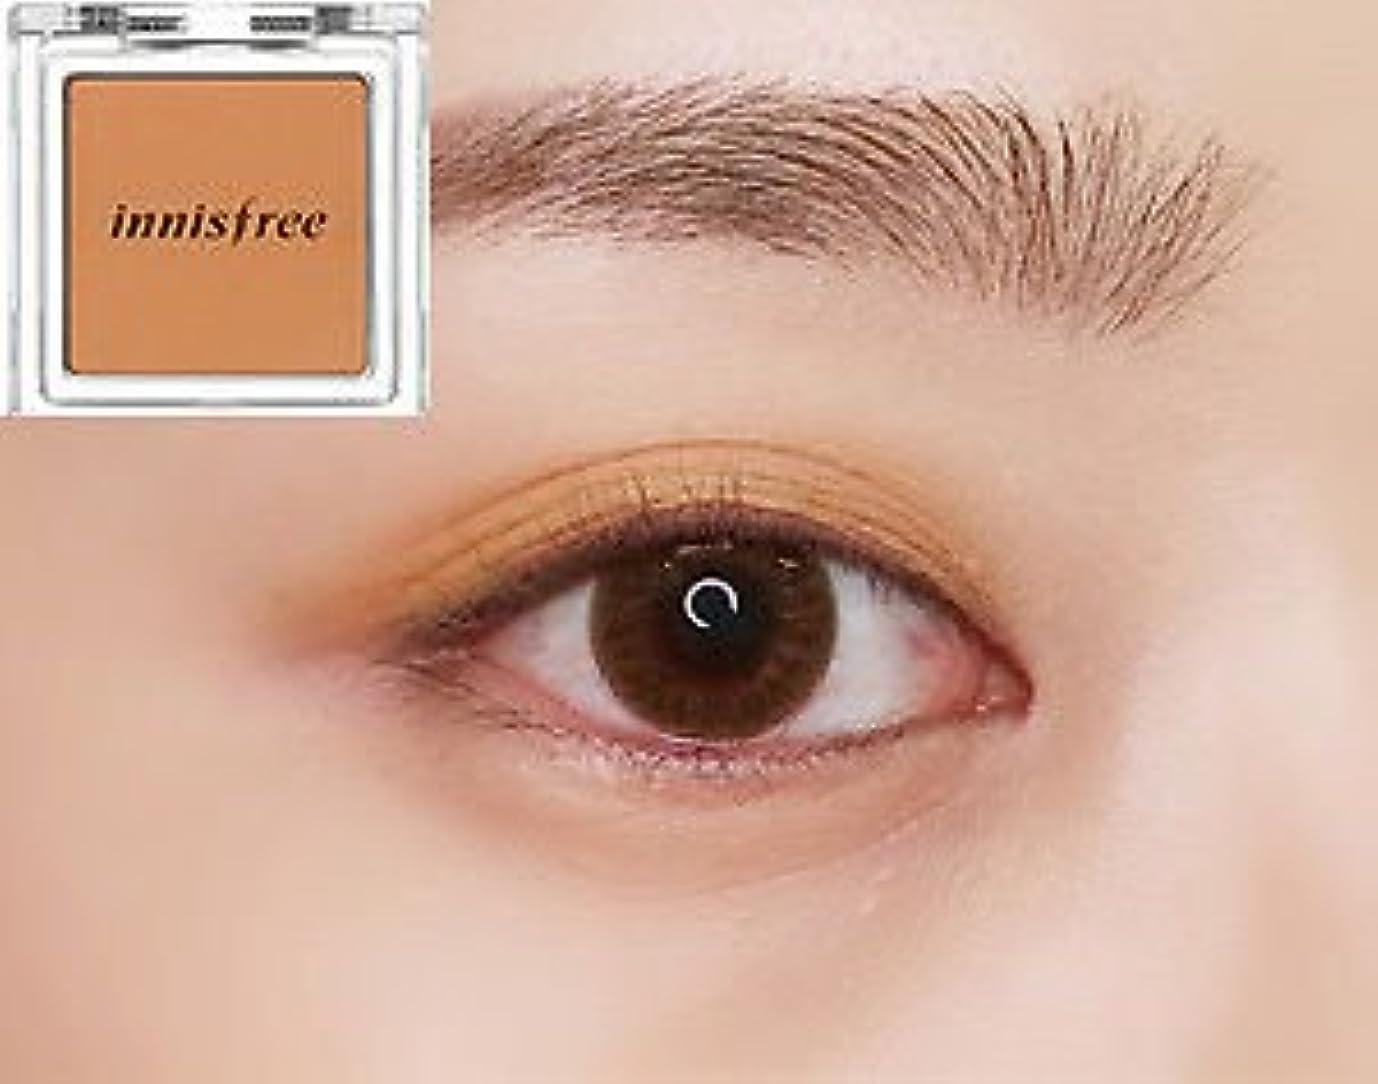 閉じる関税アンタゴニスト[イニスフリー] innisfree [マイ パレット マイ アイシャドウ (マット) 40カラー] MY PALETTE My Eyeshadow (Matte) 40 Shades [海外直送品] (マット #31)